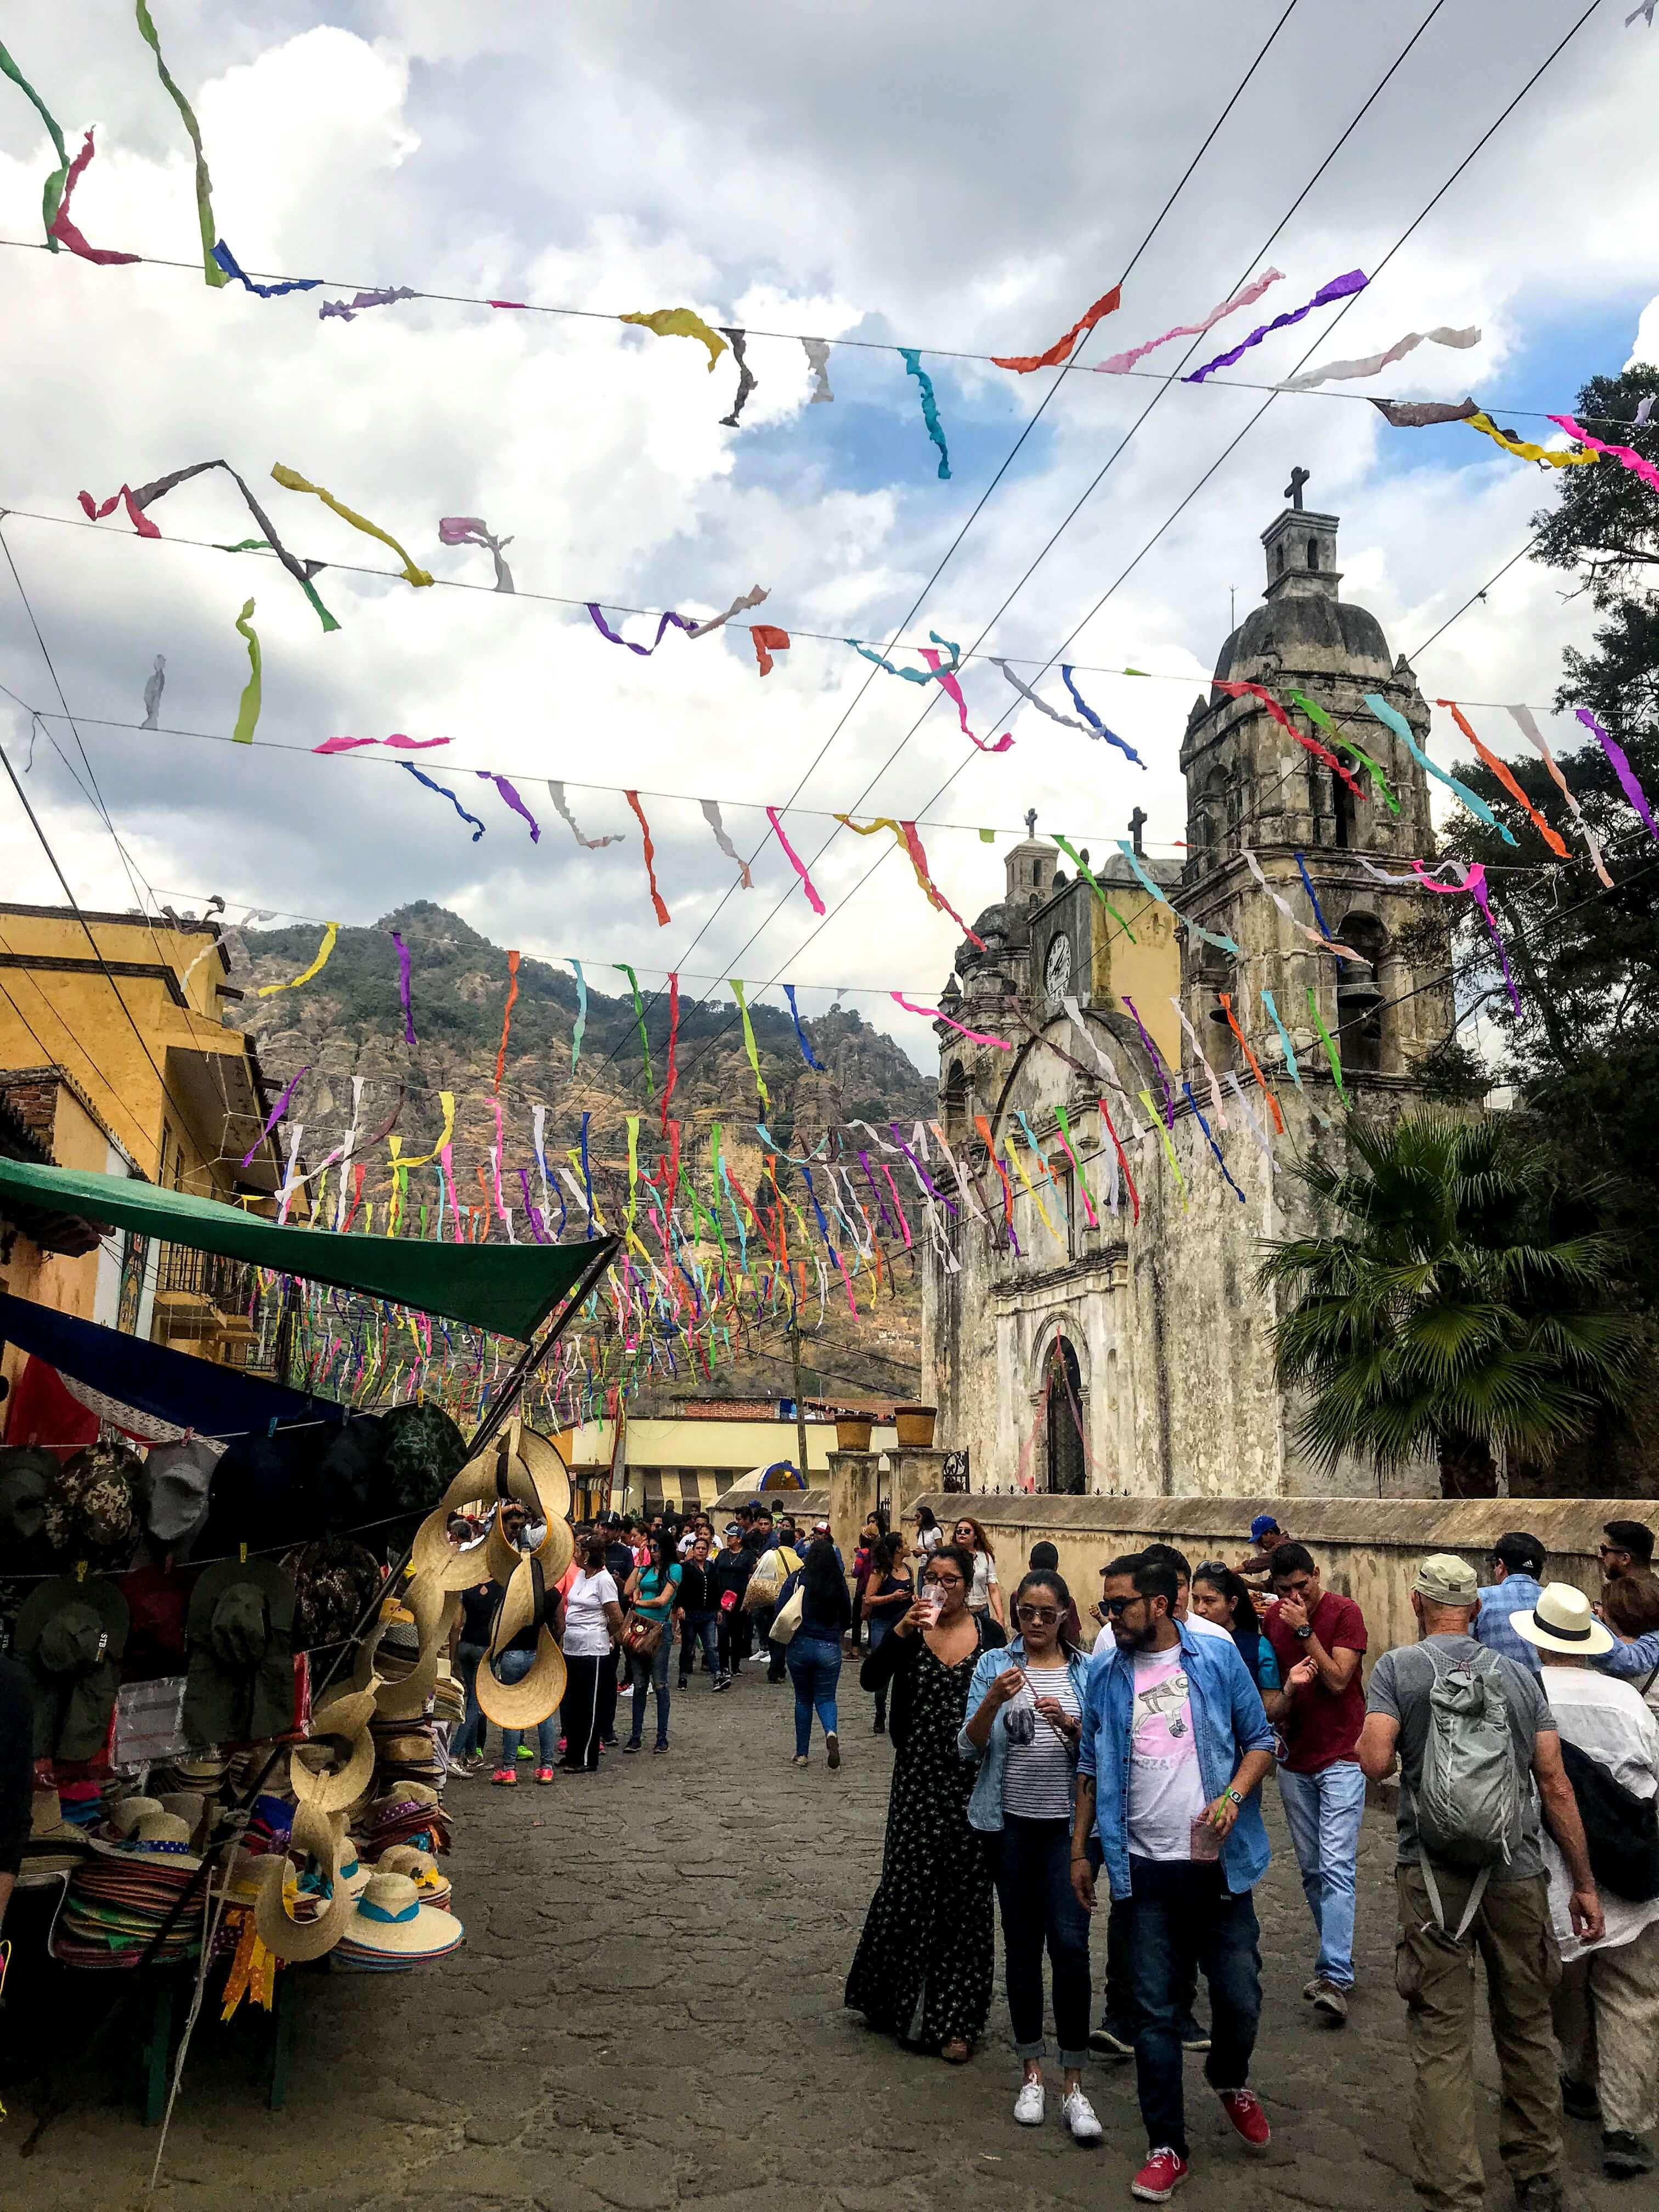 downtown Tepoztlan